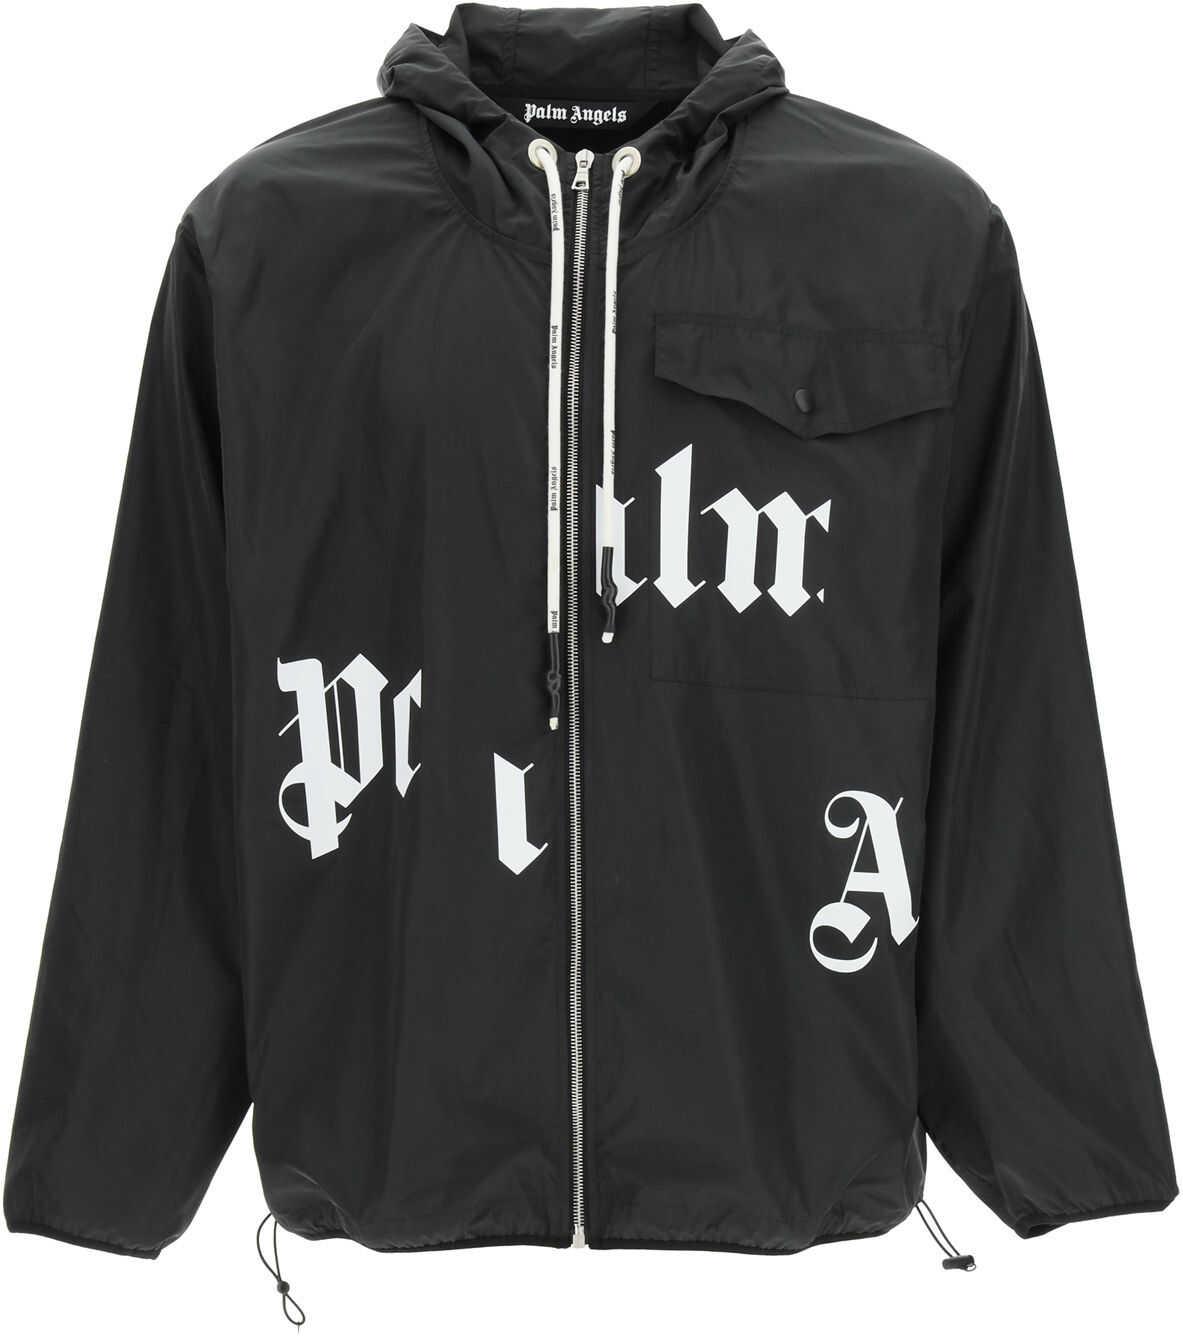 Palm Angels Windbreaker Jacket With Logo BLACK WHITE imagine